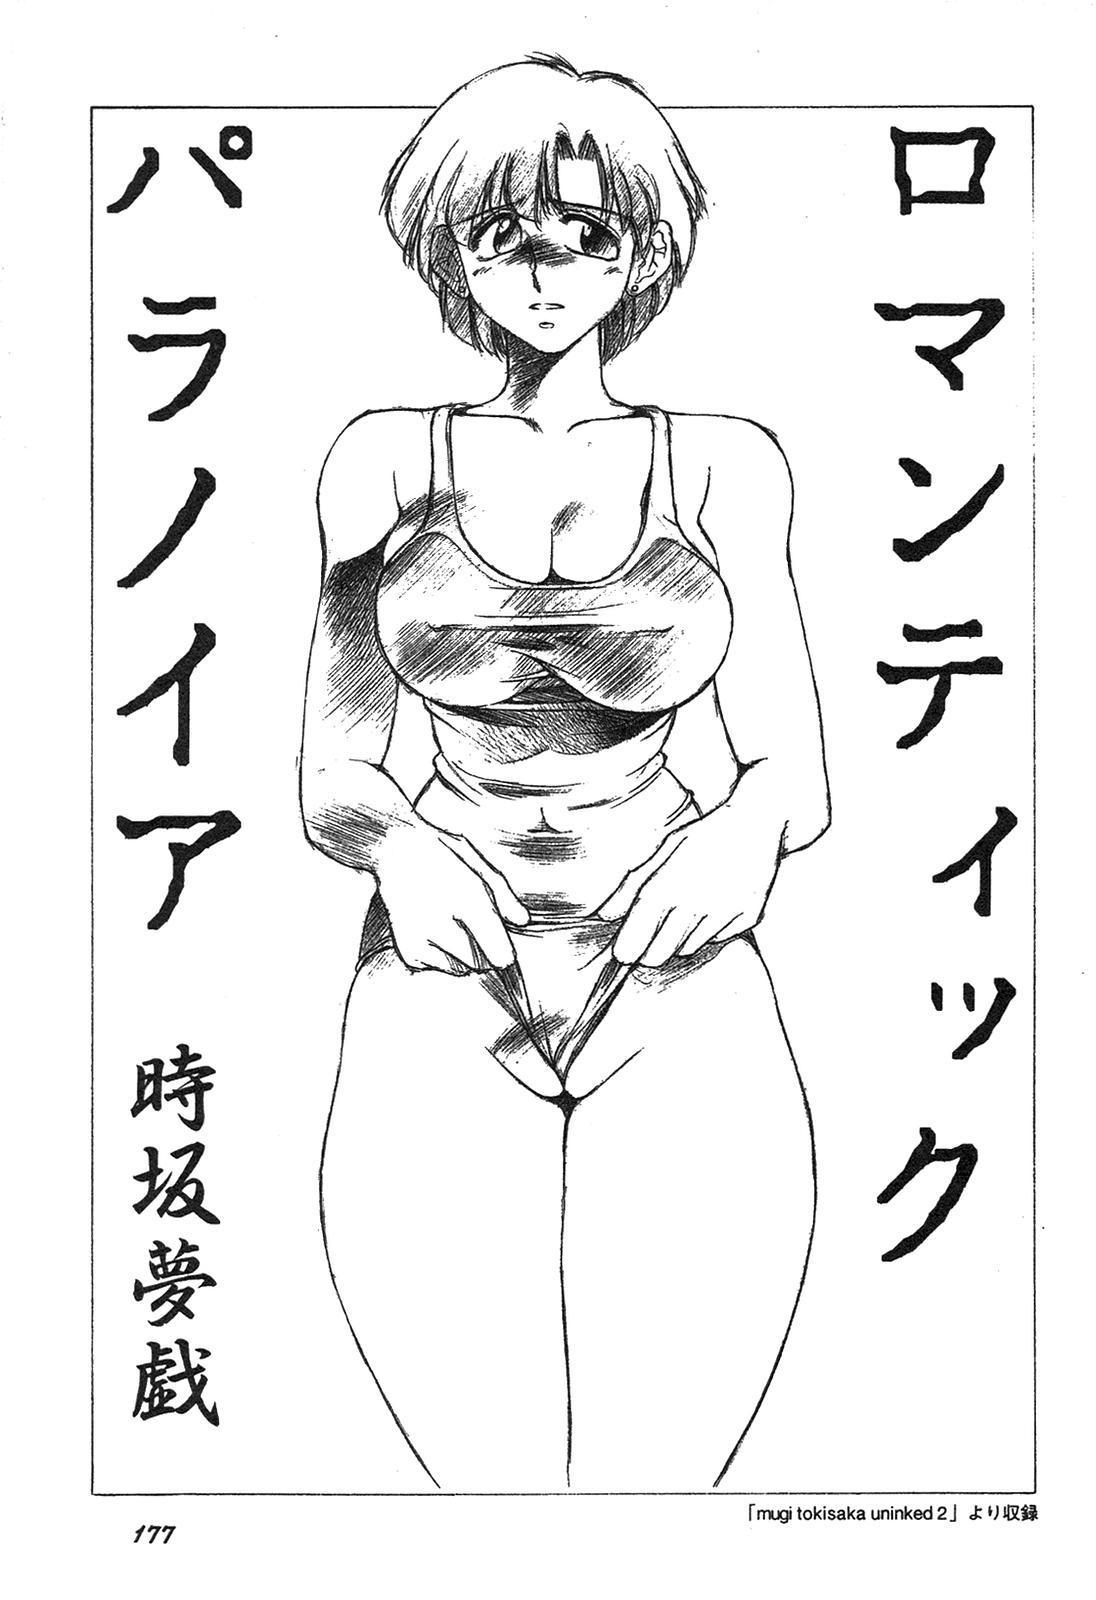 Shin Bishoujo Shoukougun 3 Yamato hen 177